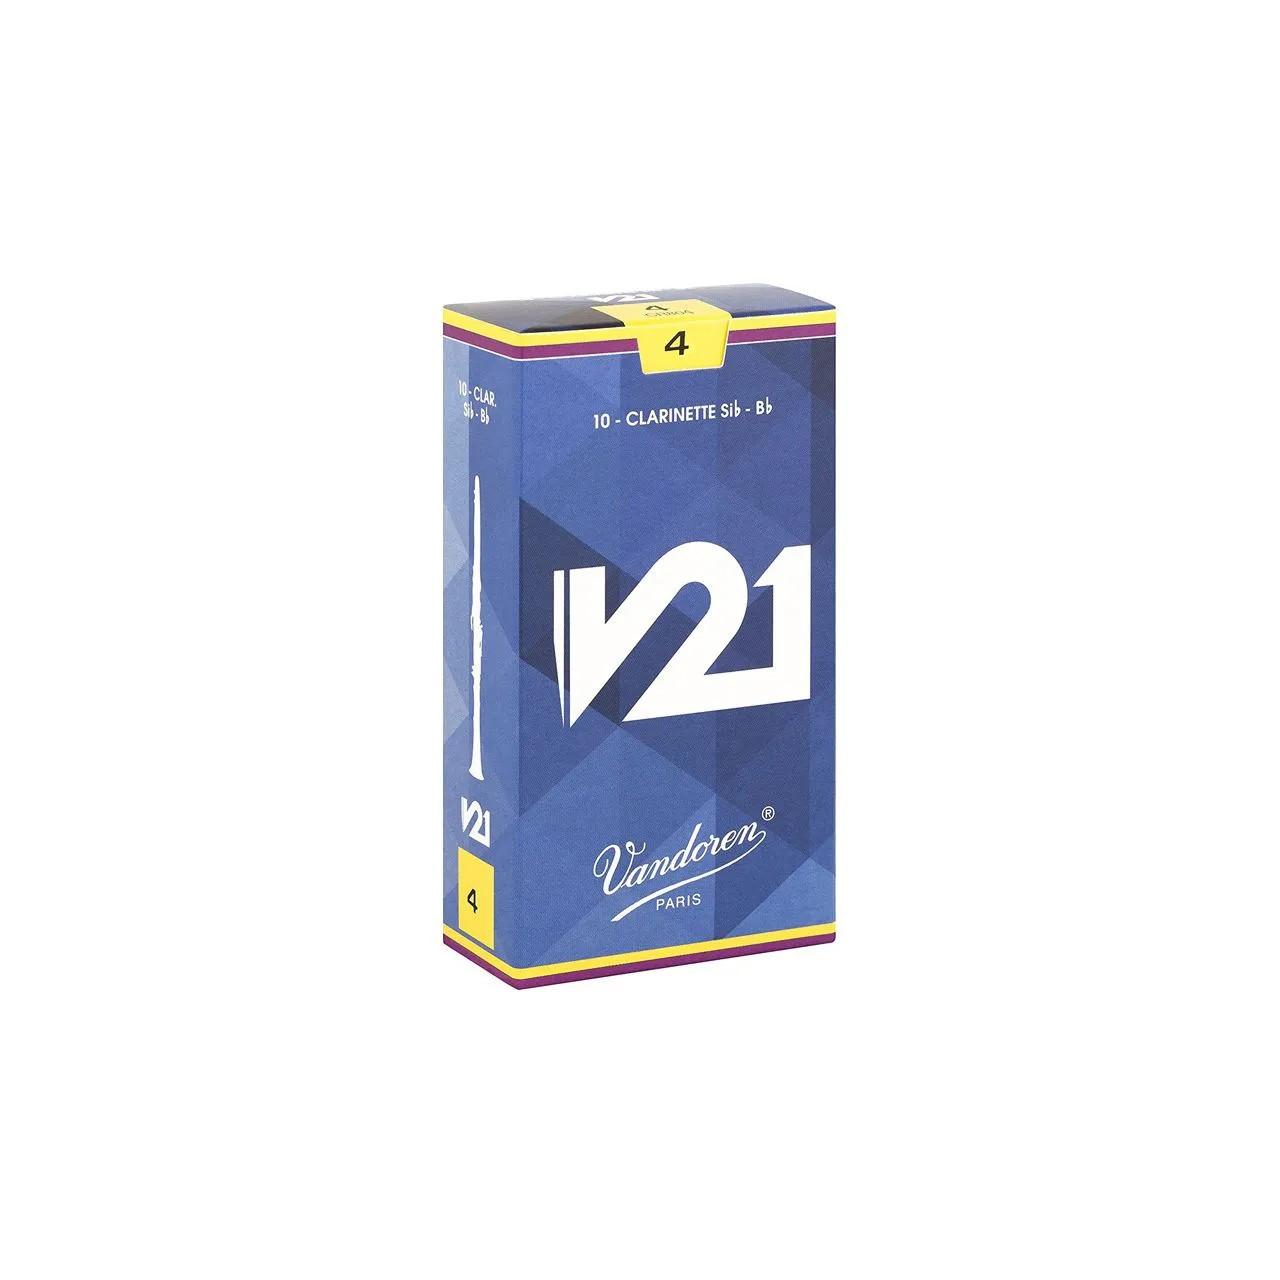 Palheta V21 4 P/ Clarinete Sib Cx C/10 Cr804 Vandoren